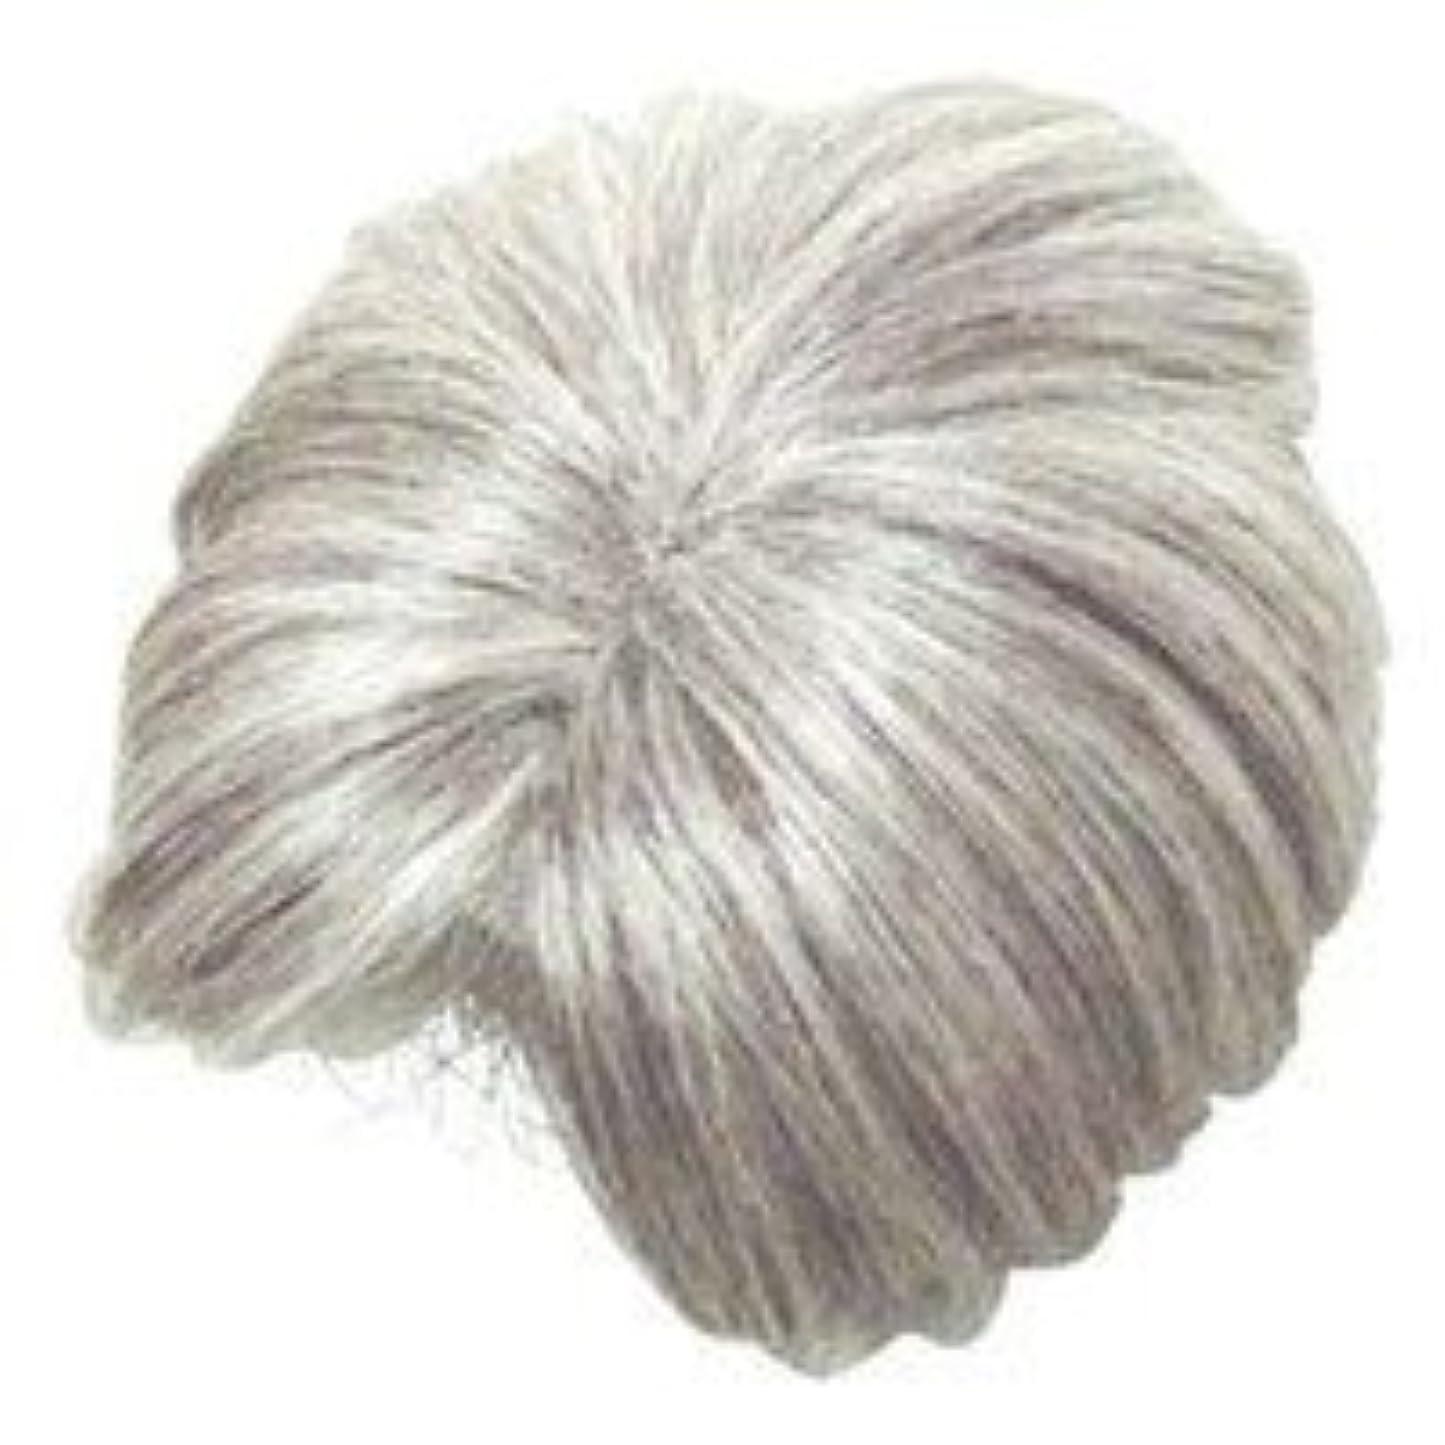 悪いホイッスル最小化するモアヘアピース部分かつら (白髪80パーセント)